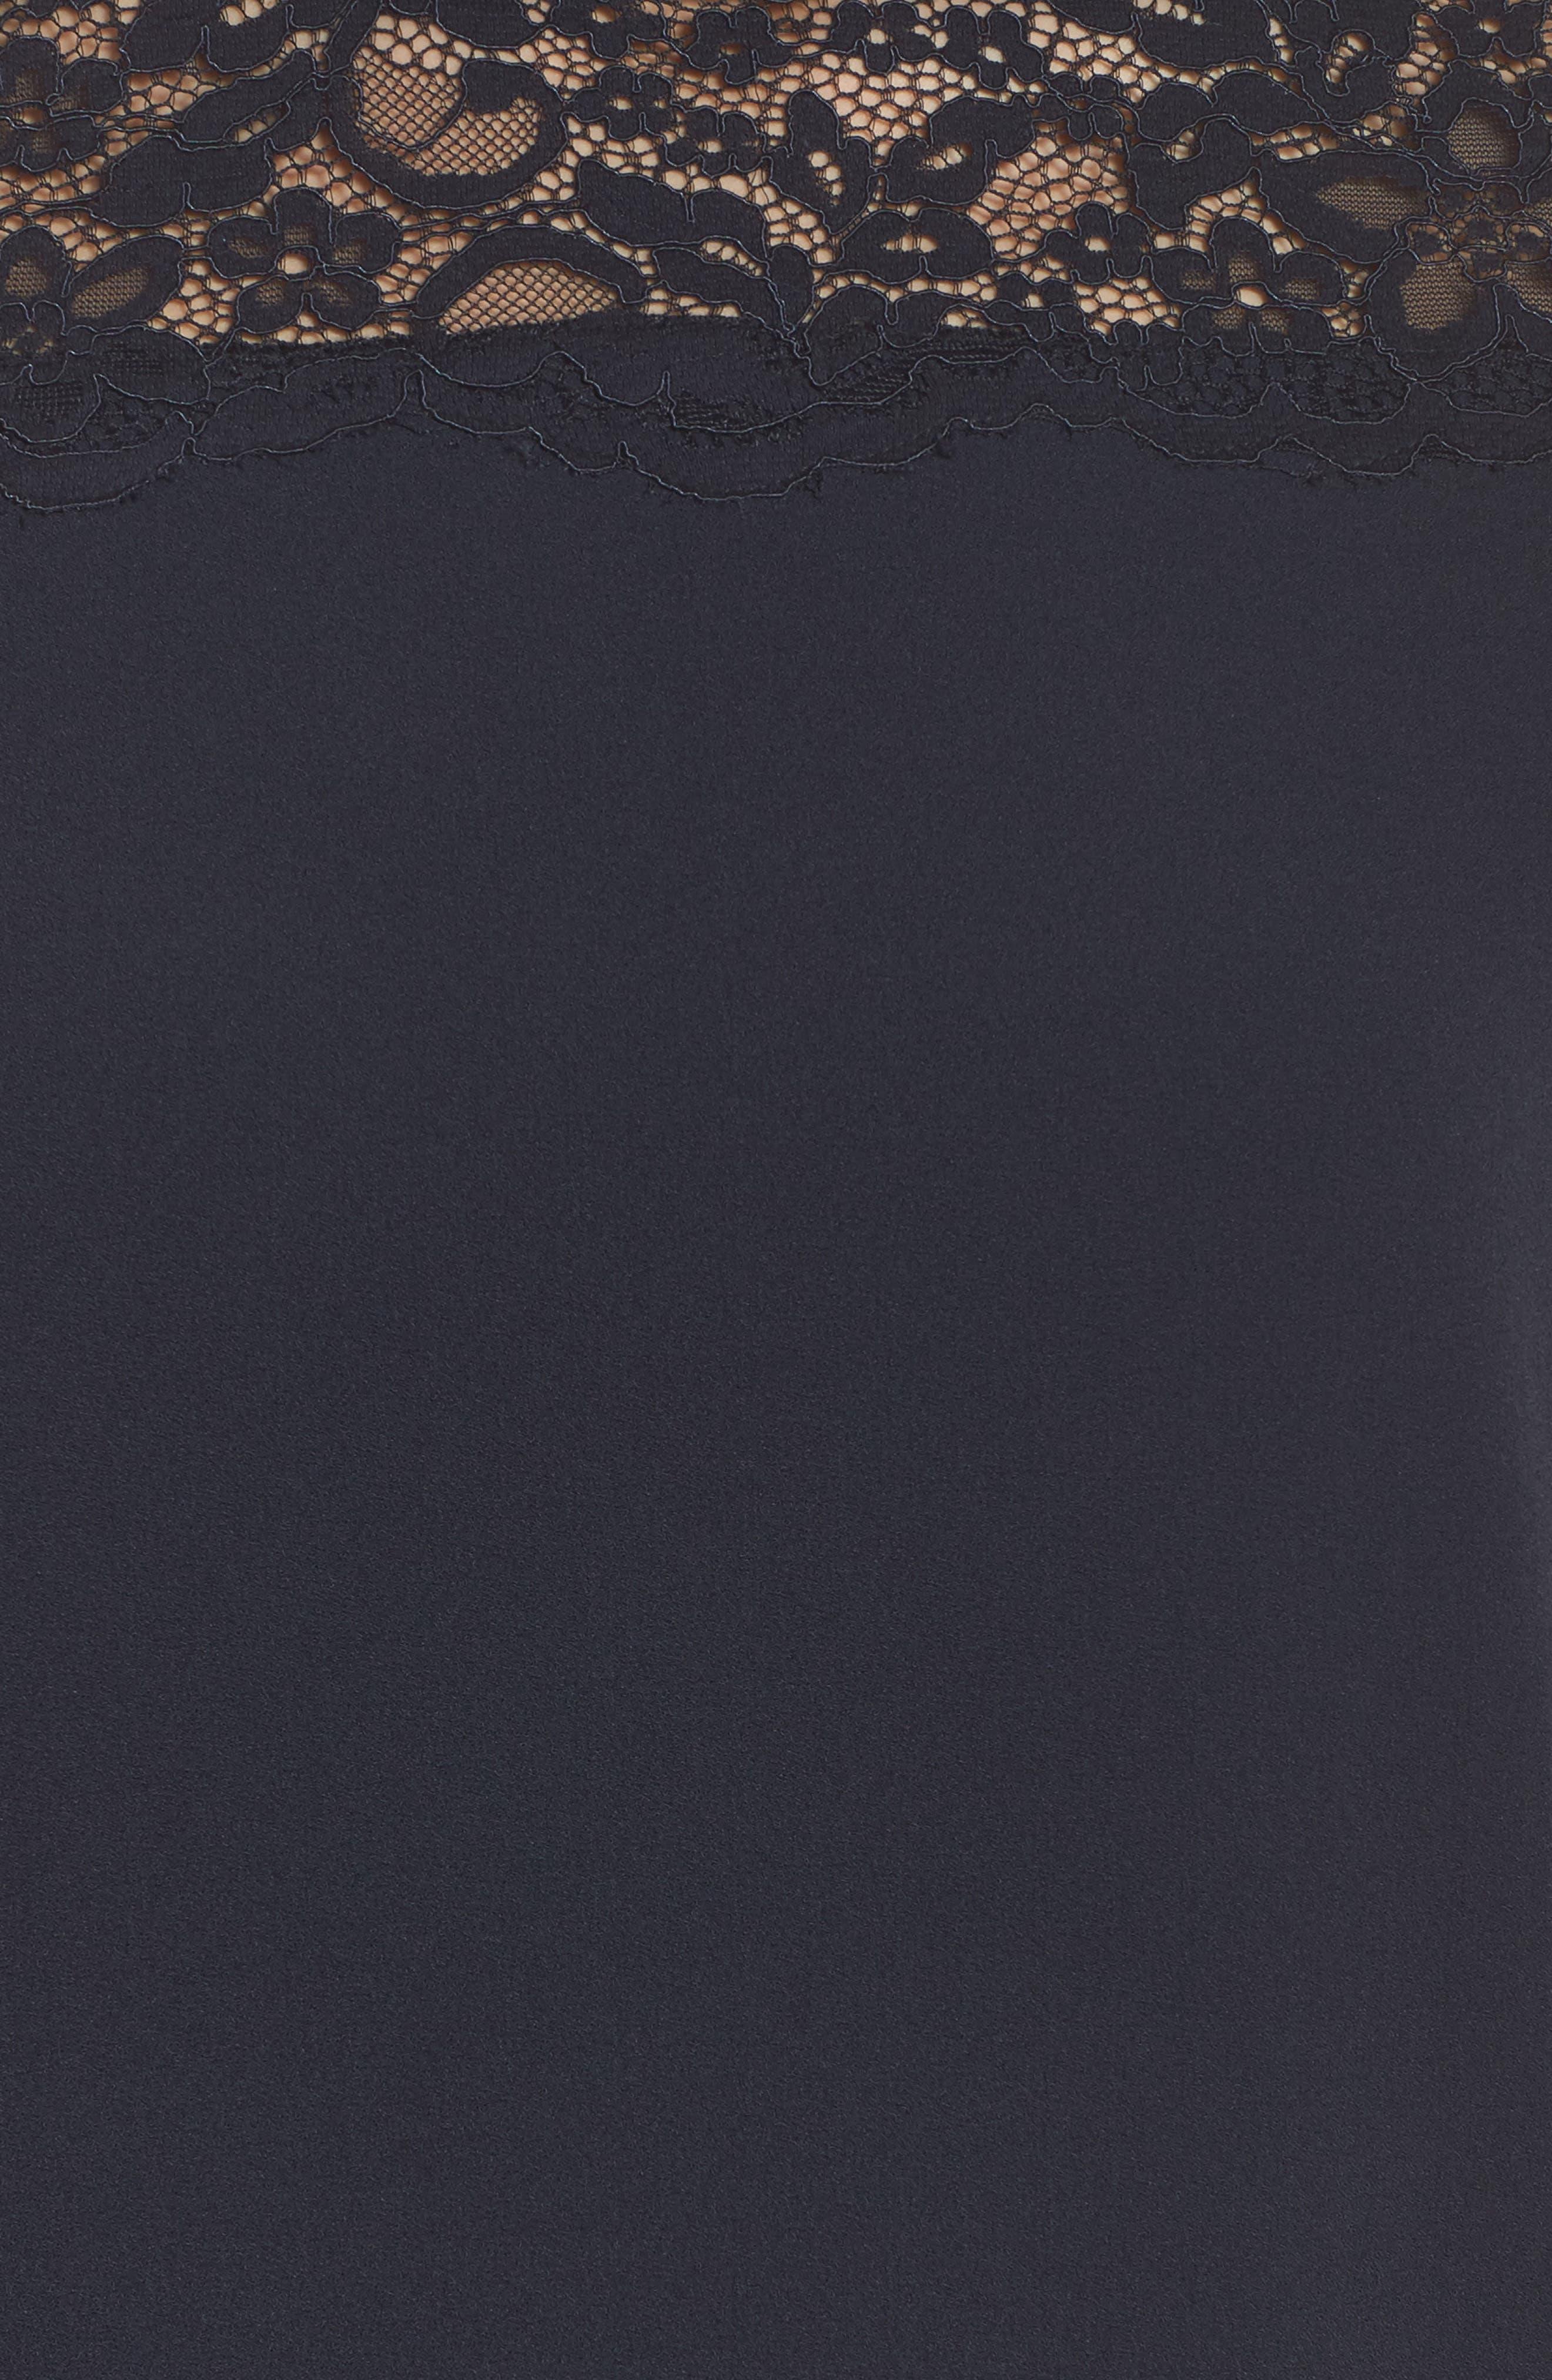 Portofino Lace Detail Shift Dress,                             Alternate thumbnail 5, color,                             Navy